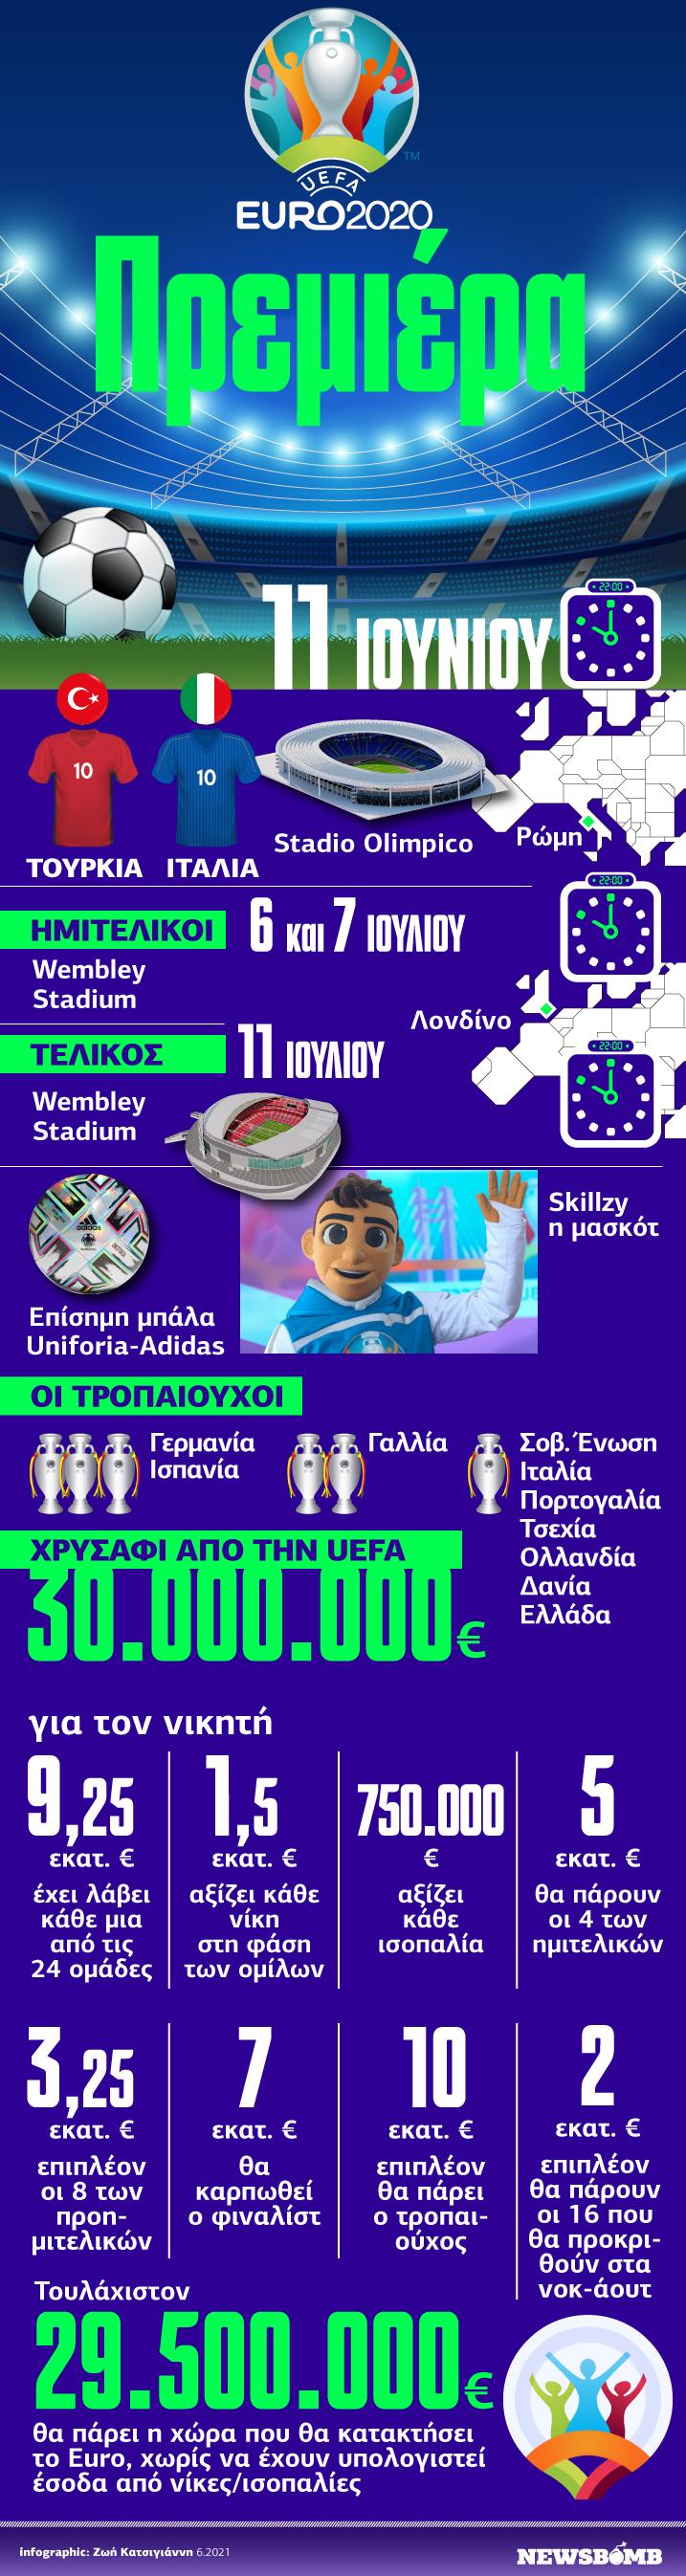 Euro 2020 - Infographic